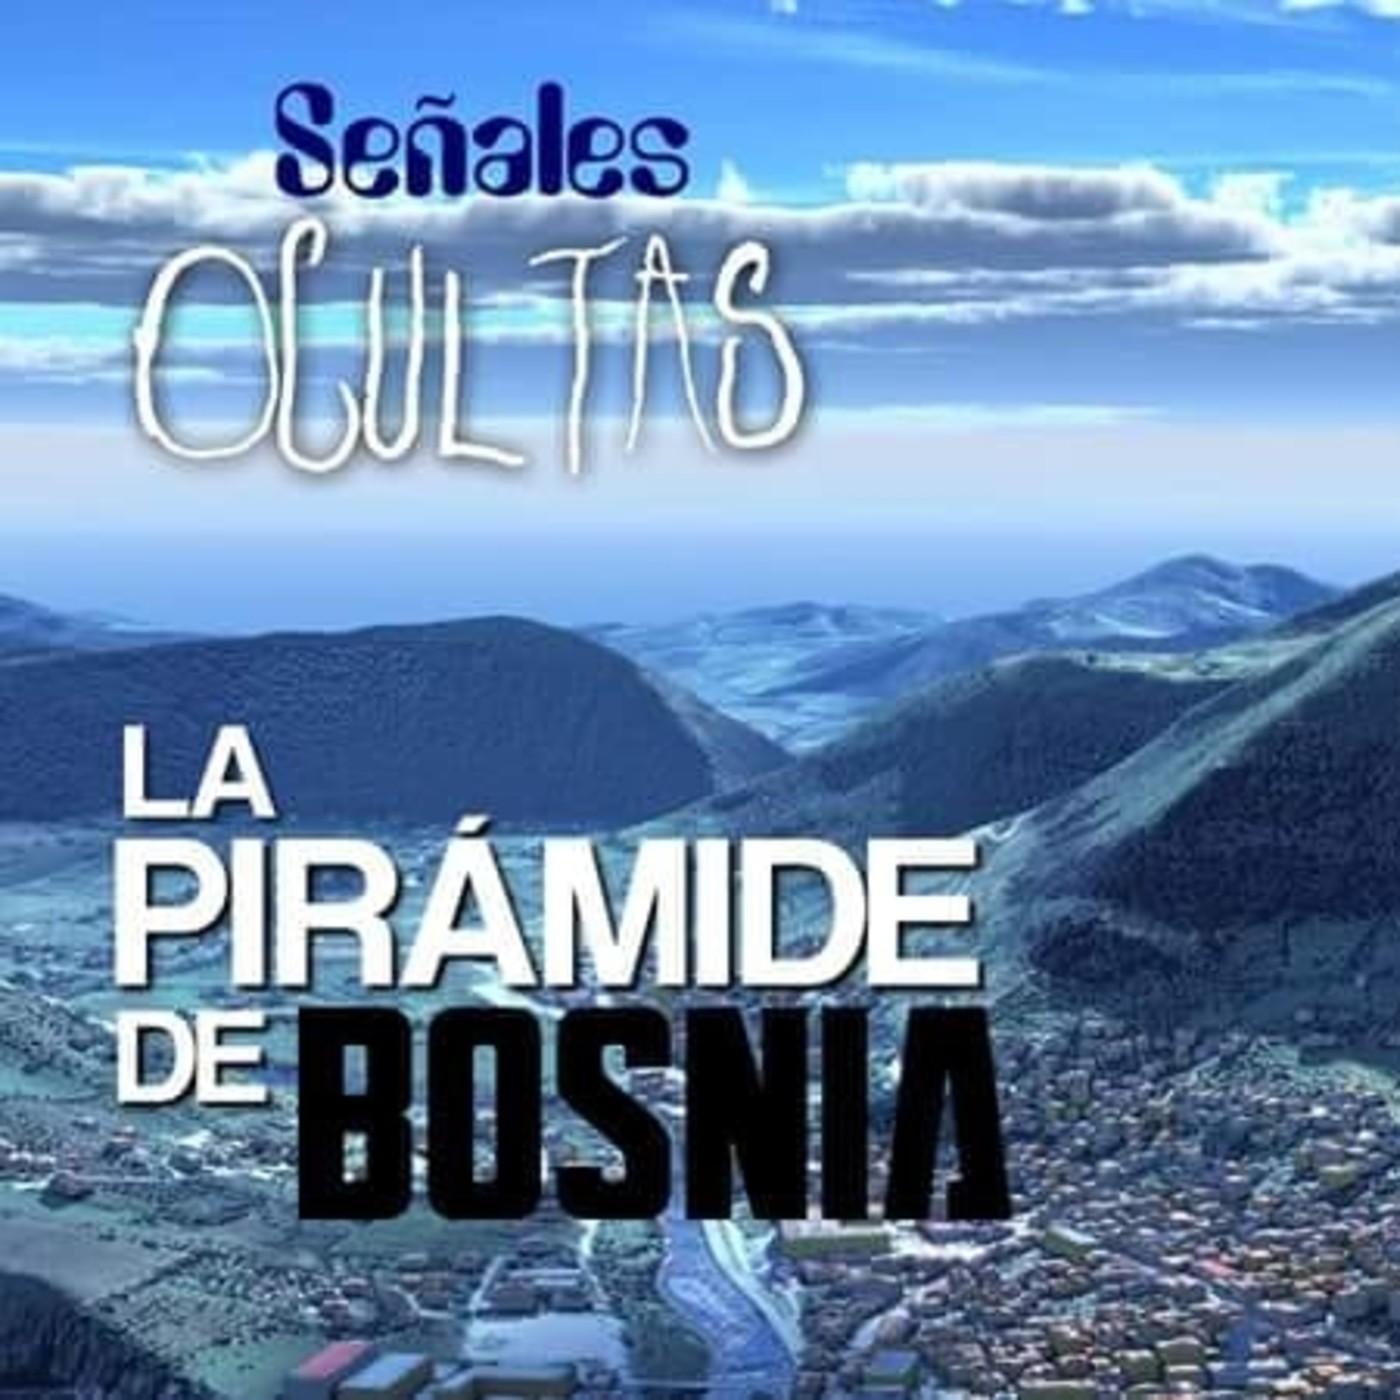 La gran pirámide de Bosnia - Señales Ocultas #97 en Señales Ocultas ...